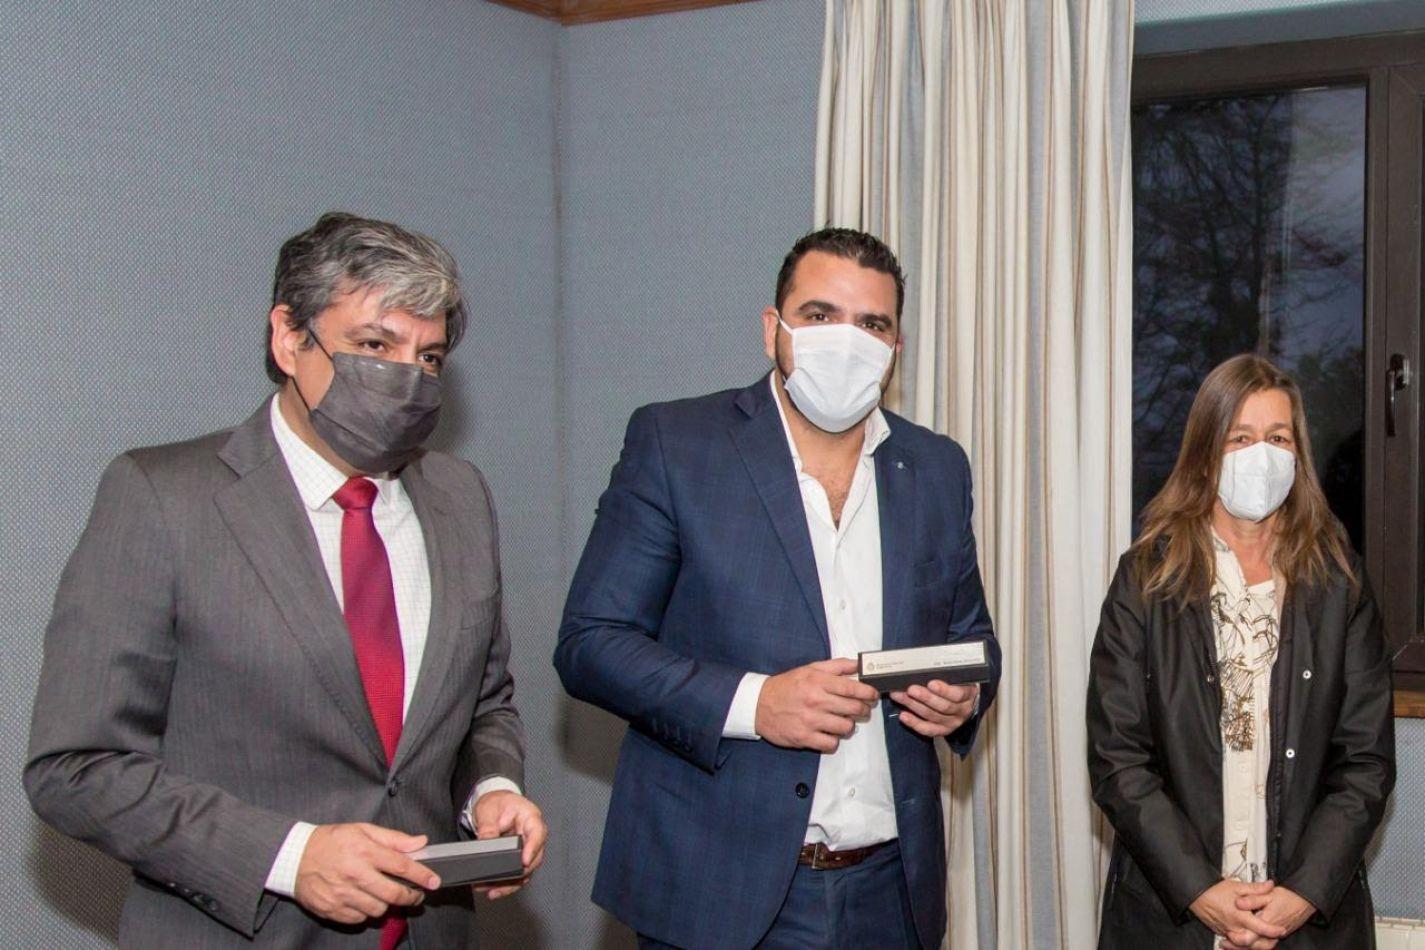 El intendente de Ushuaia, Walter Vuoto, junto a la Ministrode Seguridad de la Nación, Sabina Frederic.